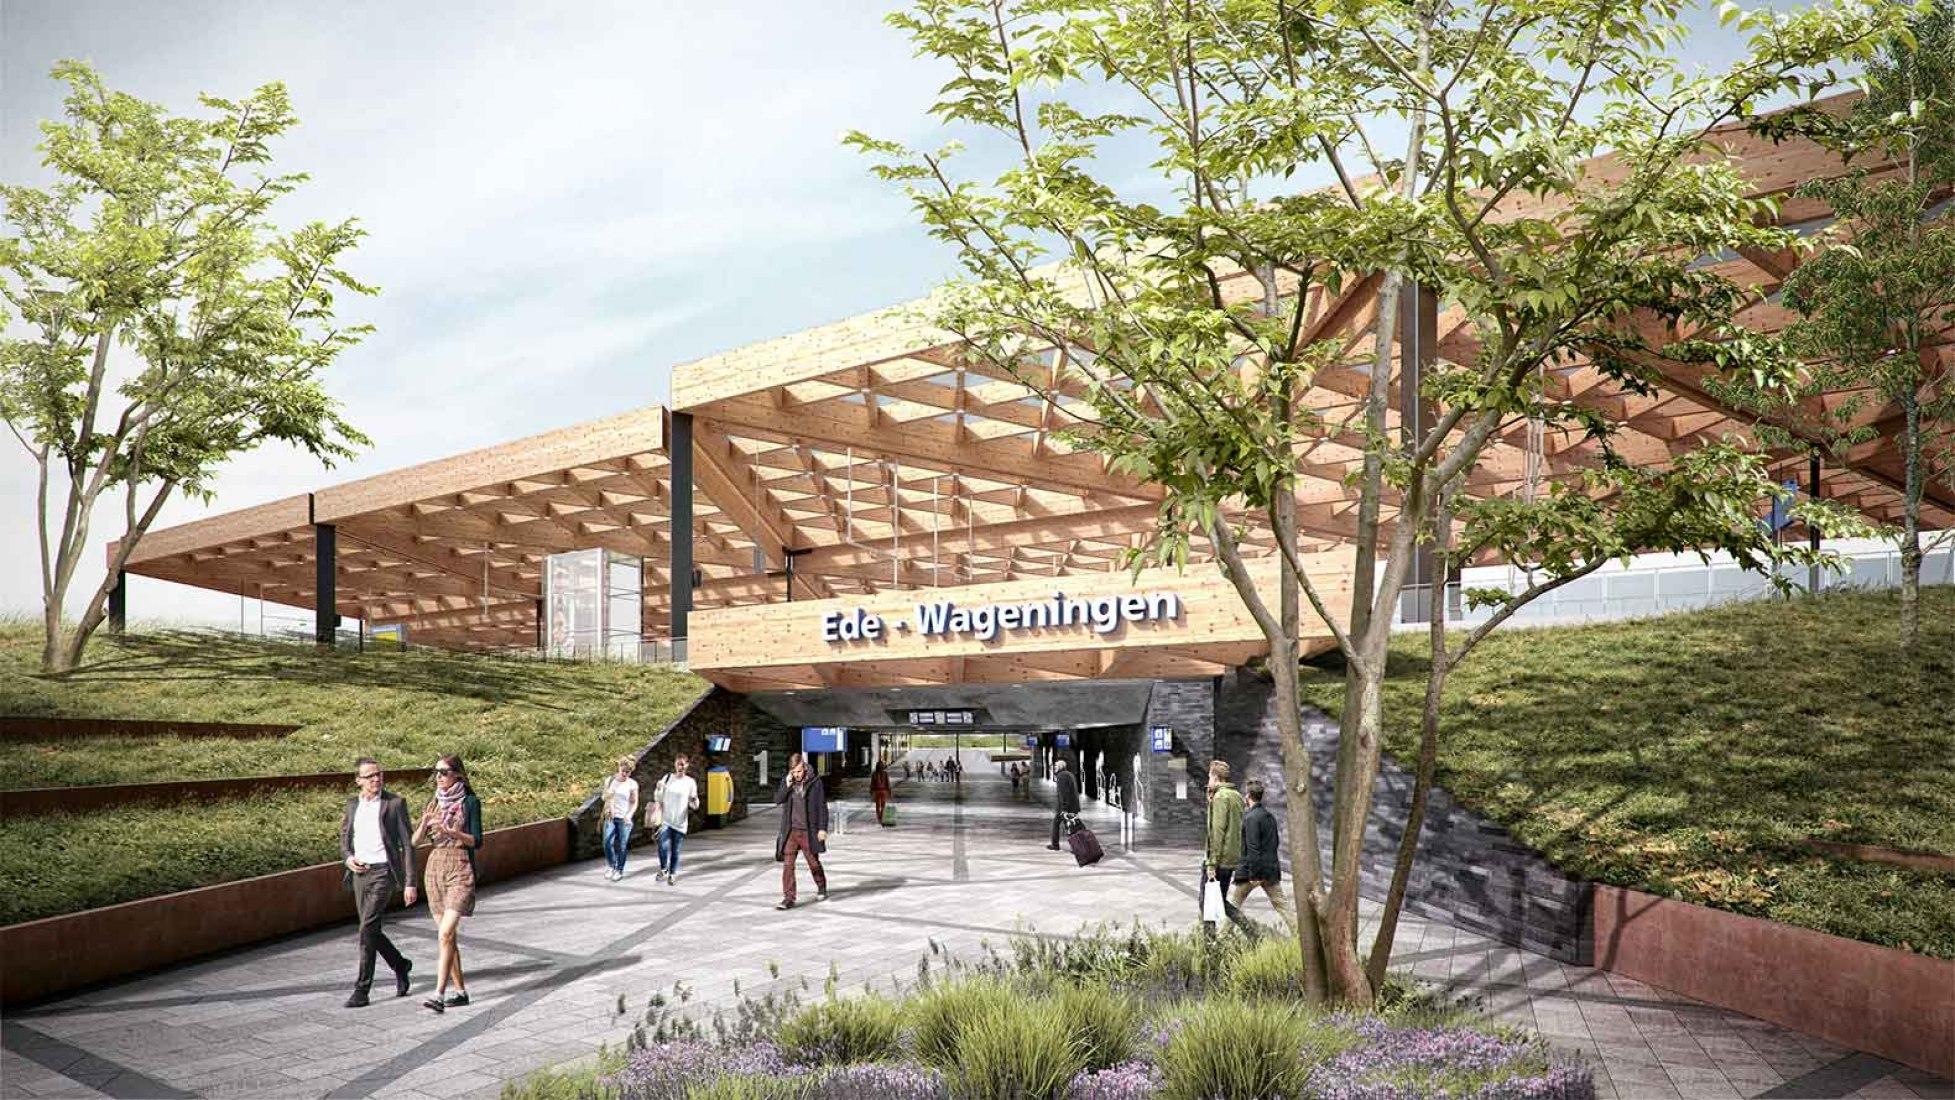 Visualización. Estación de tren Ede Wageningen por Mecanoo.